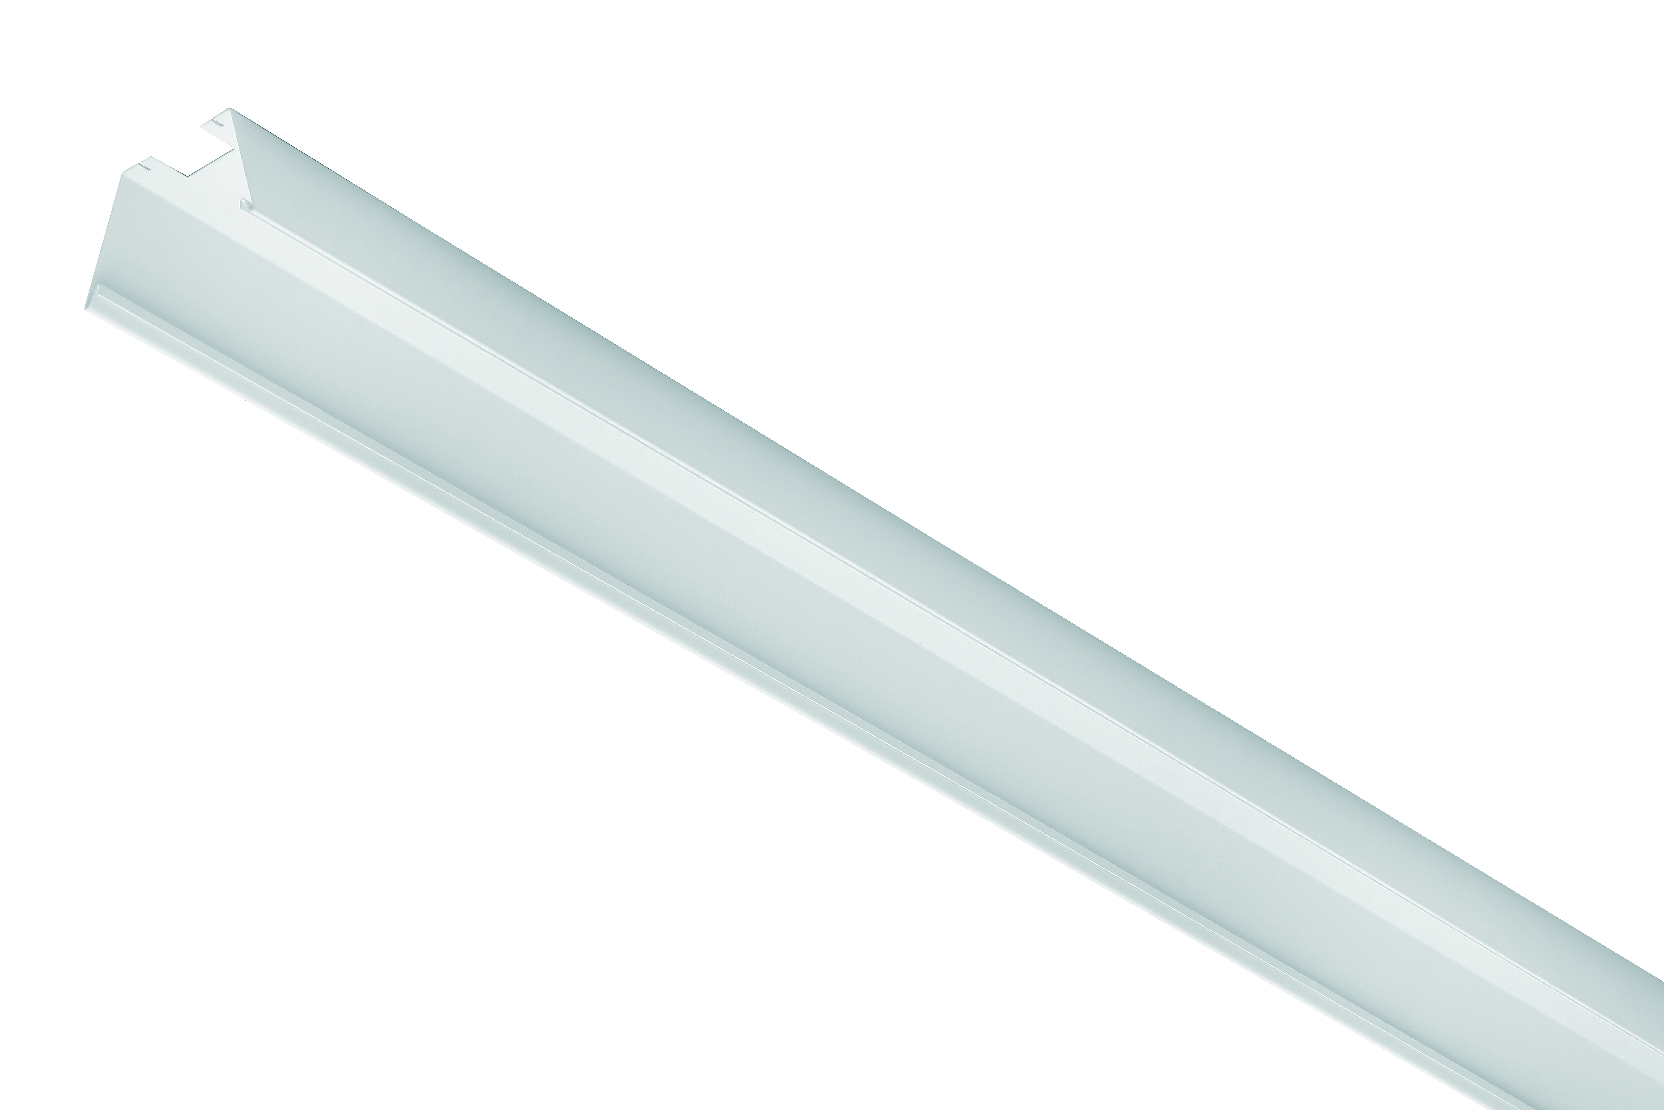 1 Stk L-SE Reflektor R1 T8 L1 EB 1x58W, weiß LI99000102